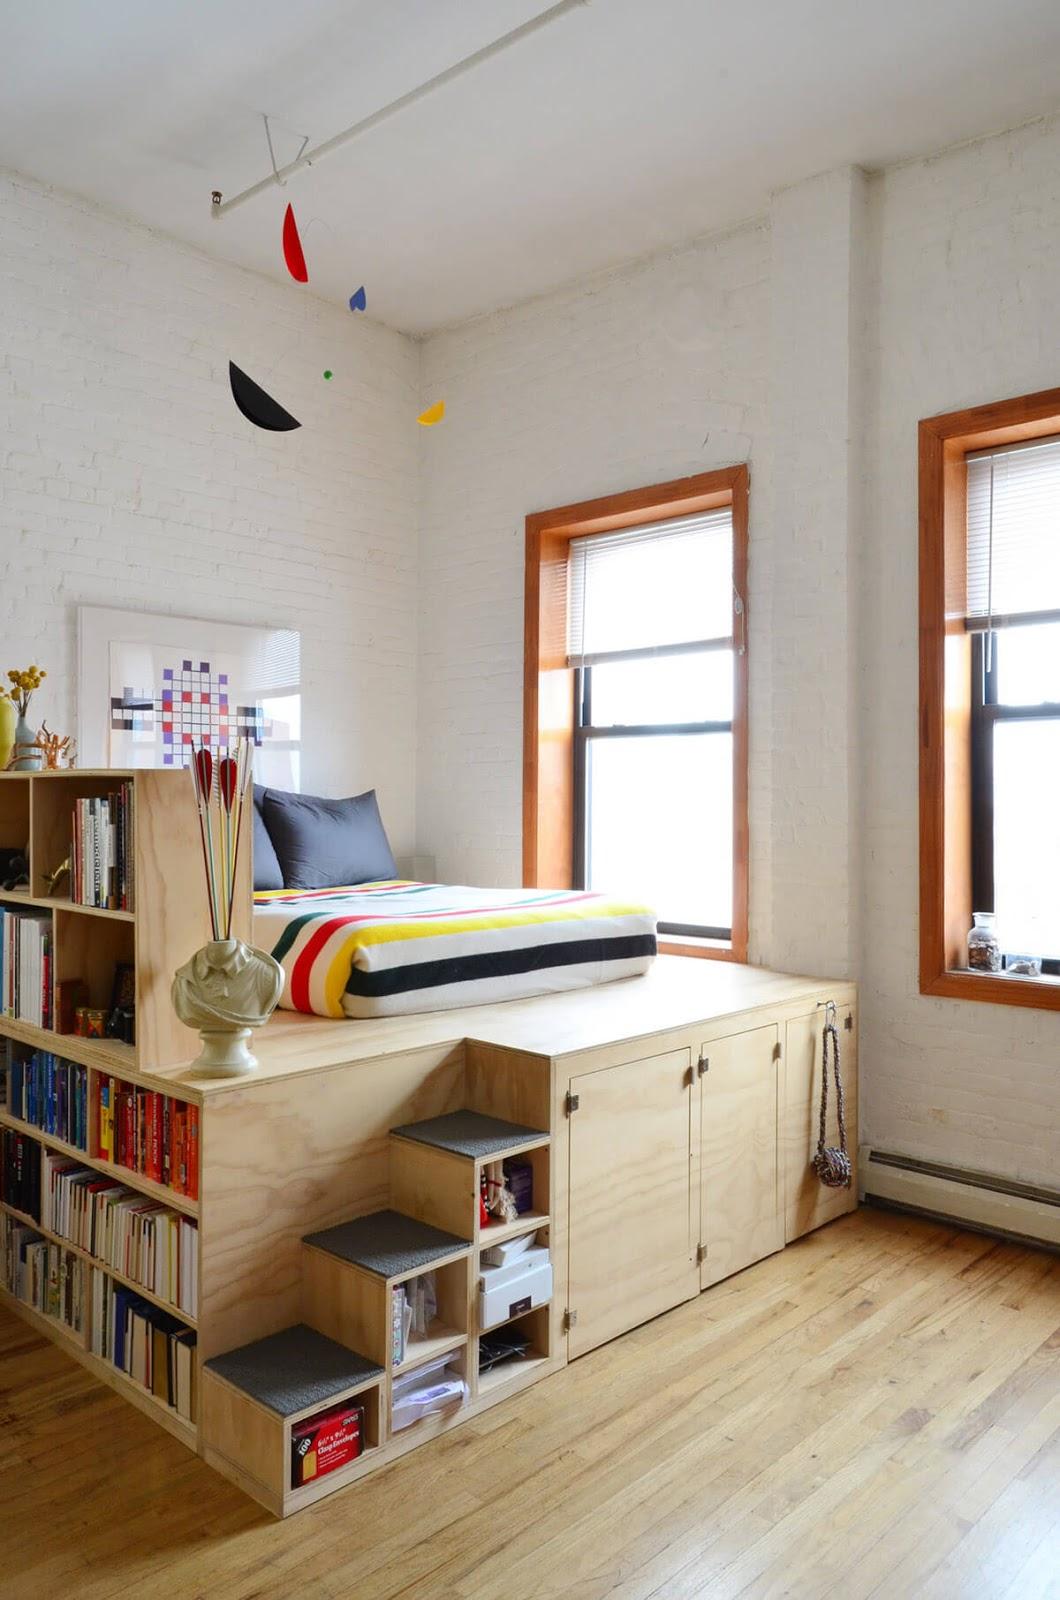 70 desain kamar tidur sempit minimalis sederhana | desainrumahnya